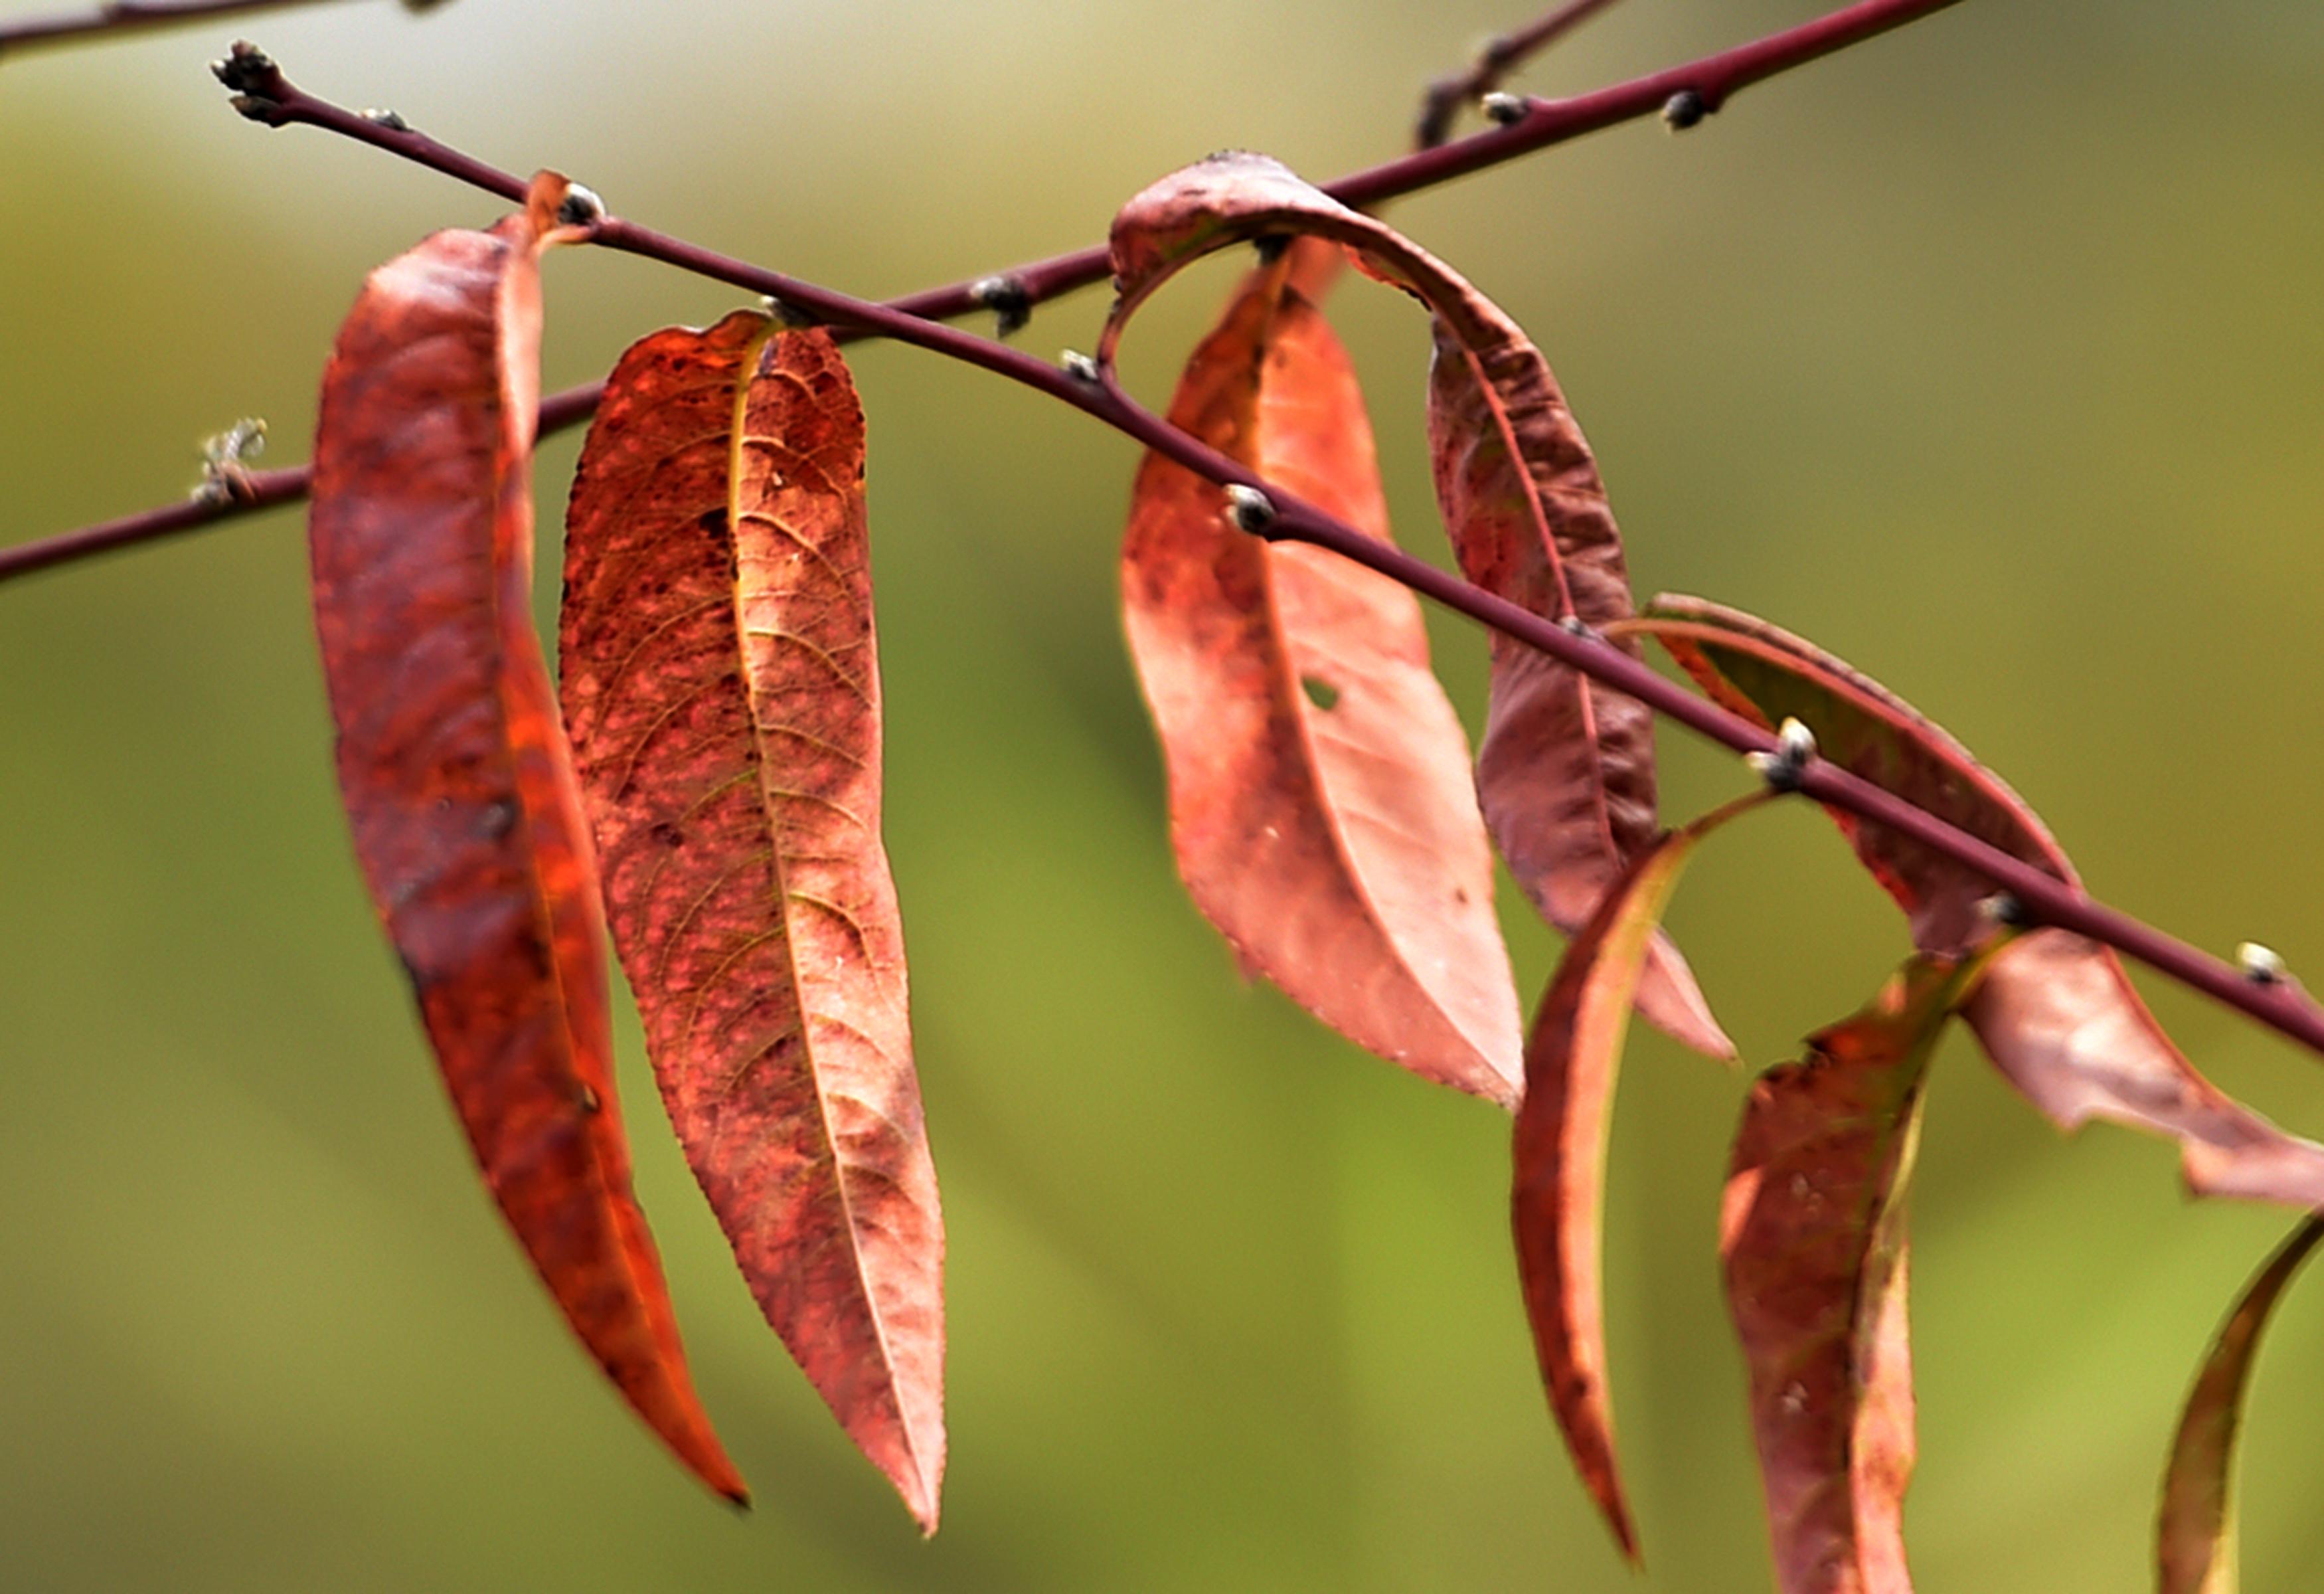 图集丨扬州:感受一叶知秋的魅力